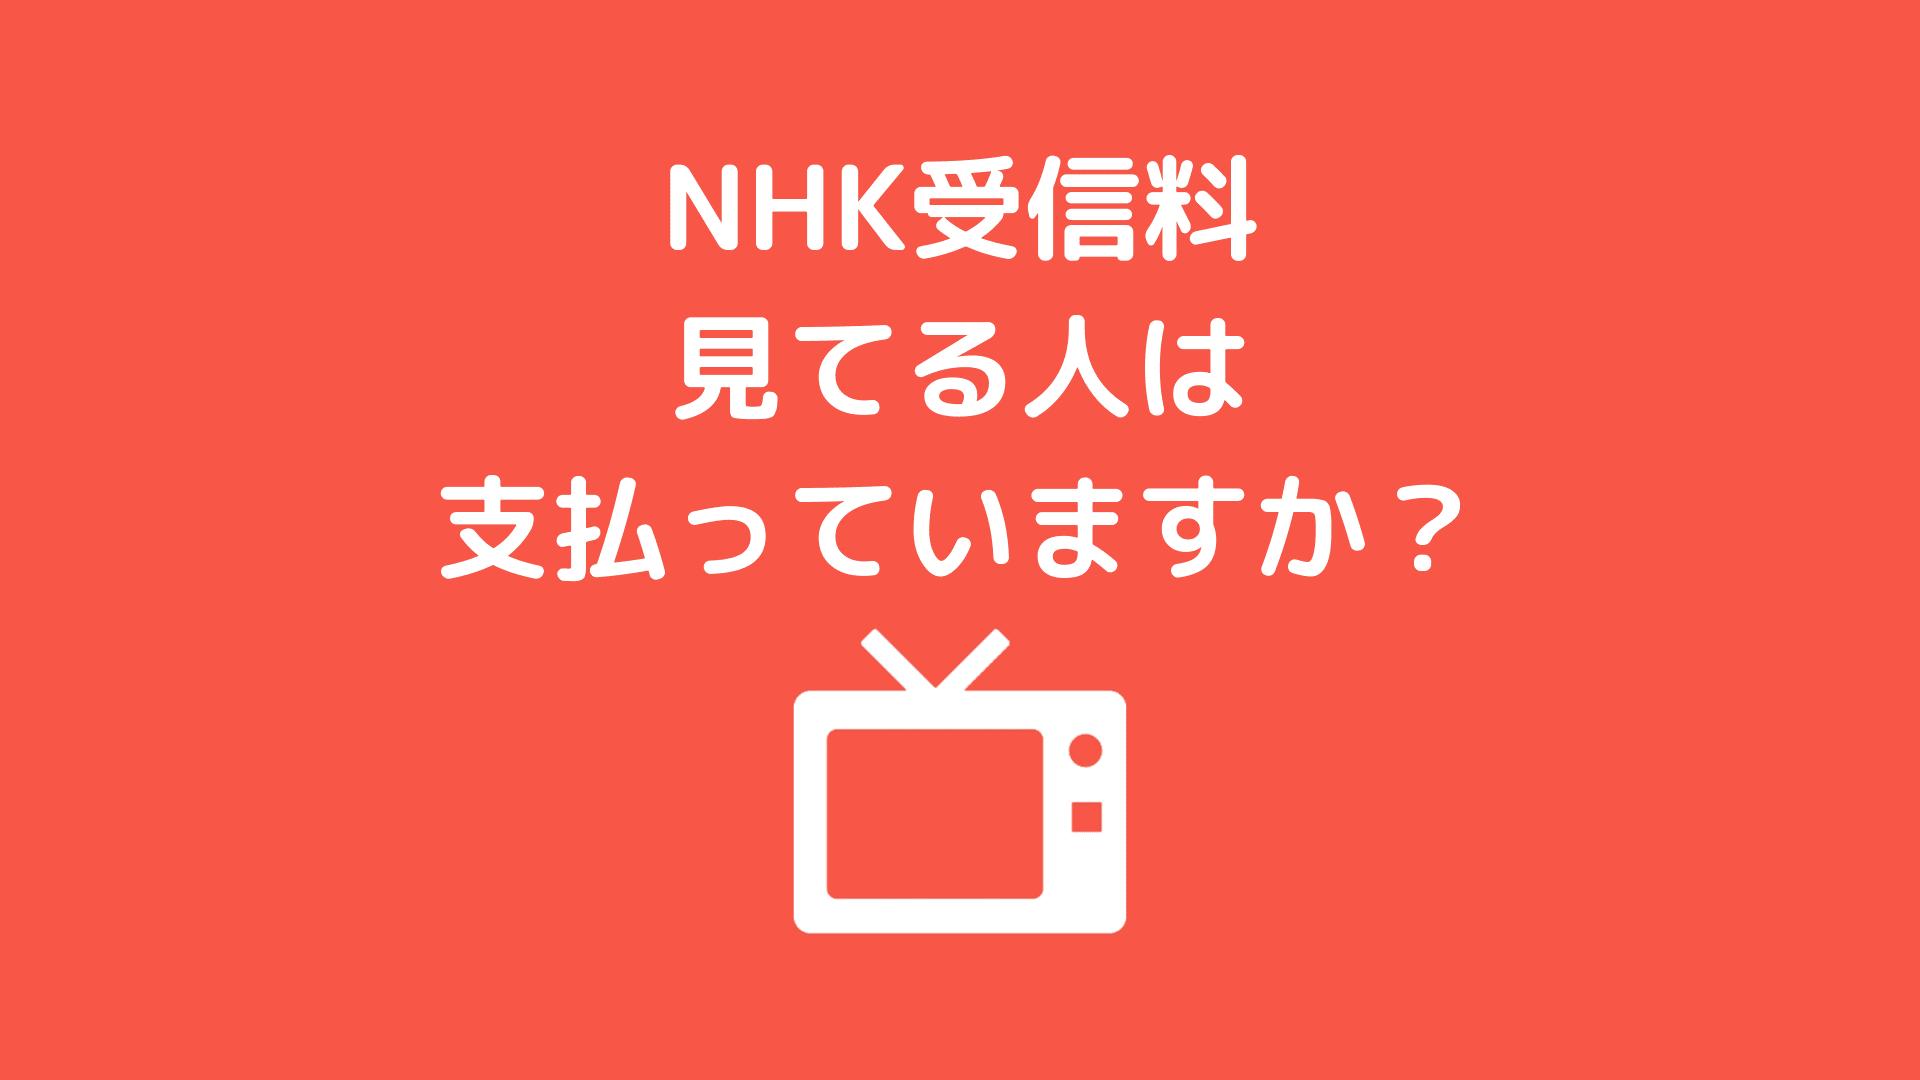 NHK受信料見てる人は支払っていますか?